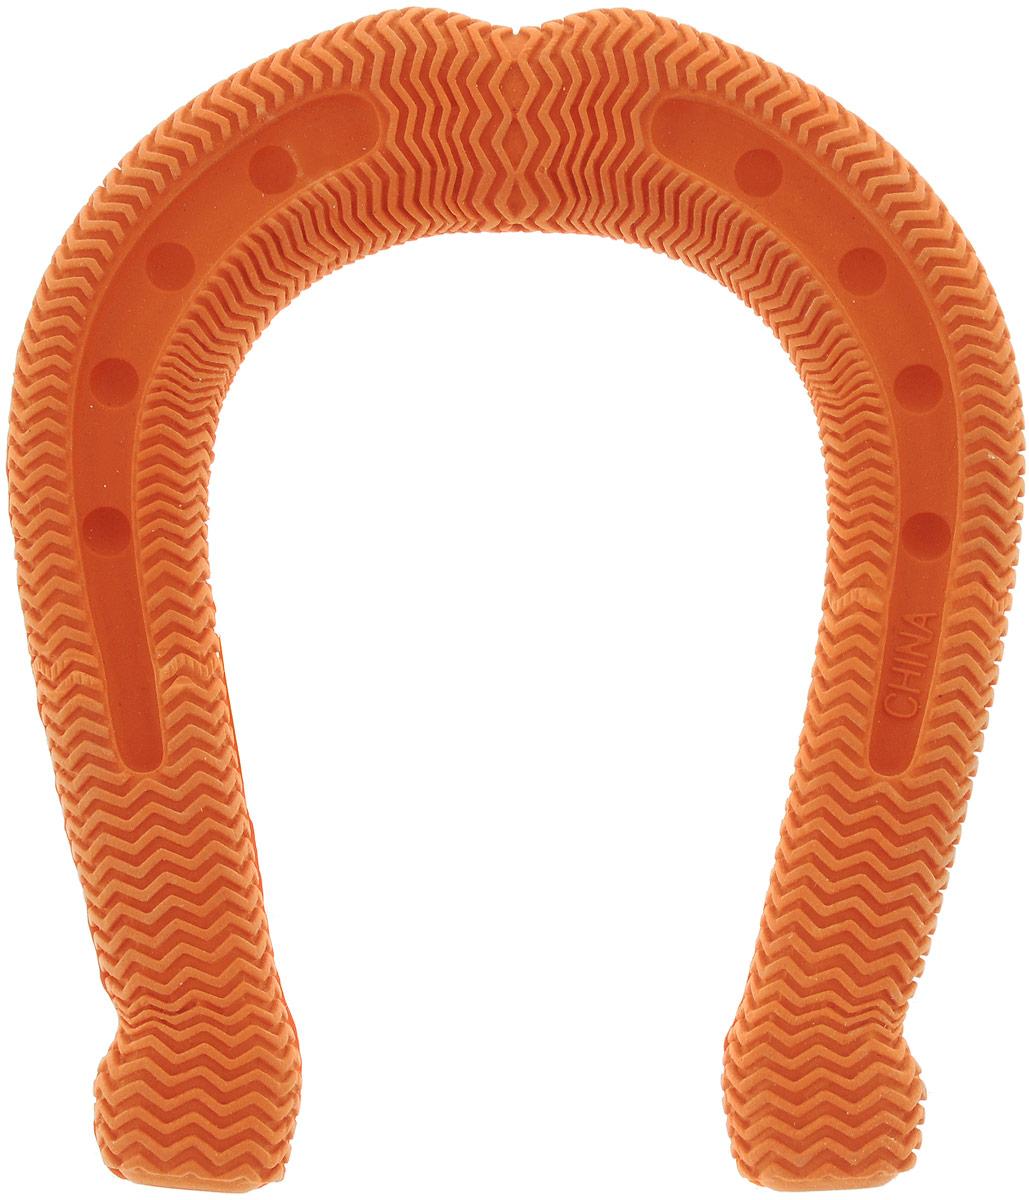 Игрушка для собак Camon Подкова, 12 х 10 х 2 см игрушка для собак camon рыбка с пищалкой цвет белый красный 10 х 6 х 6 3 см